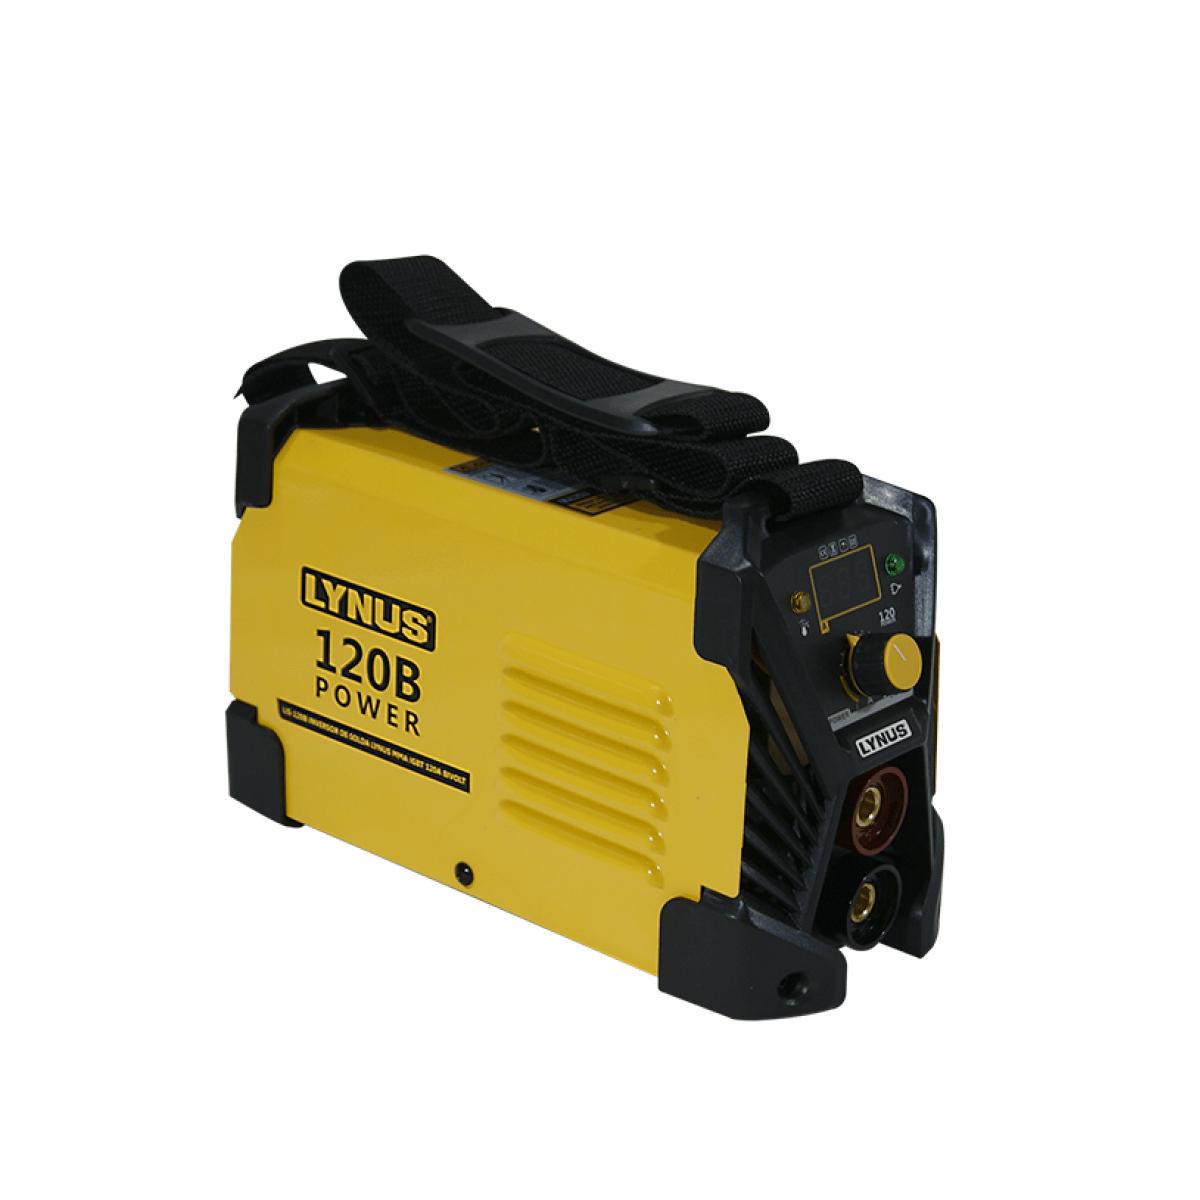 Máquina De Solda Inversora LIS-120B Power Bivolt Lynus